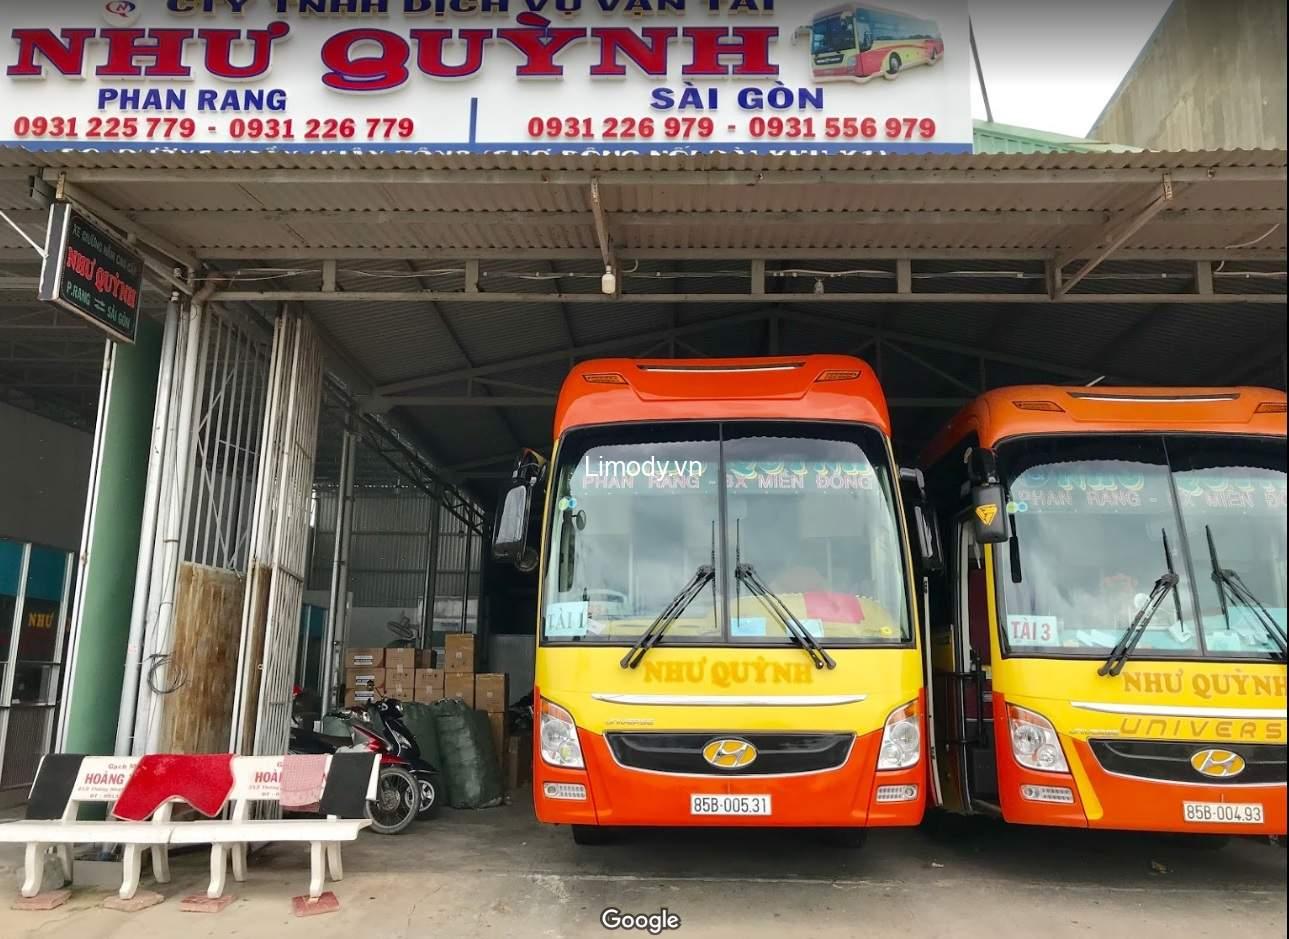 Xe Như Quỳnh: Bến xe, giá vé, số điện thoại đặt vé, lịch trình đi Ninh Thuận